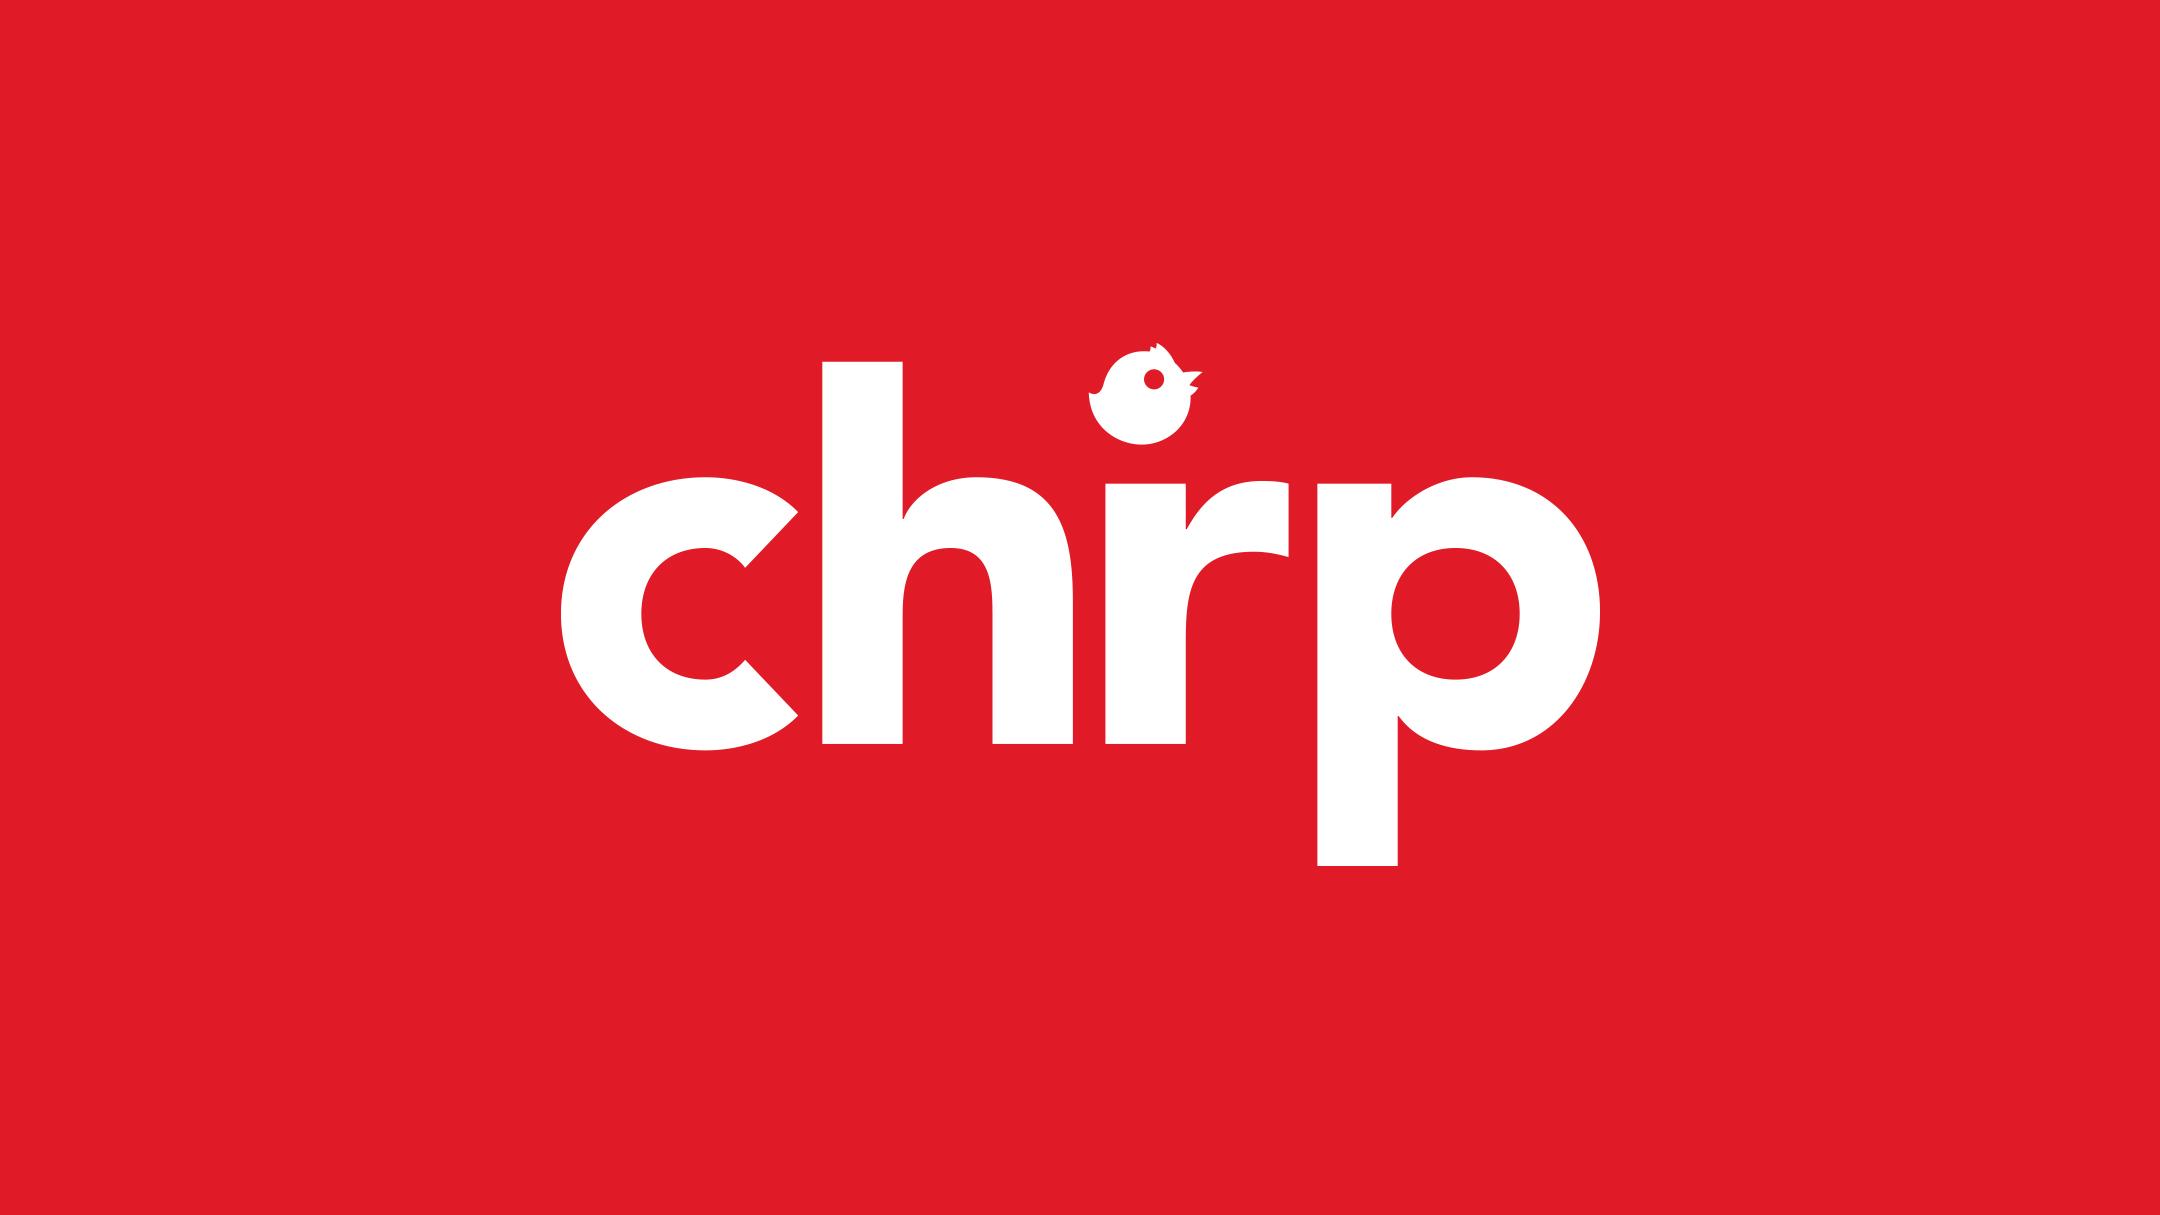 CHRP logo.